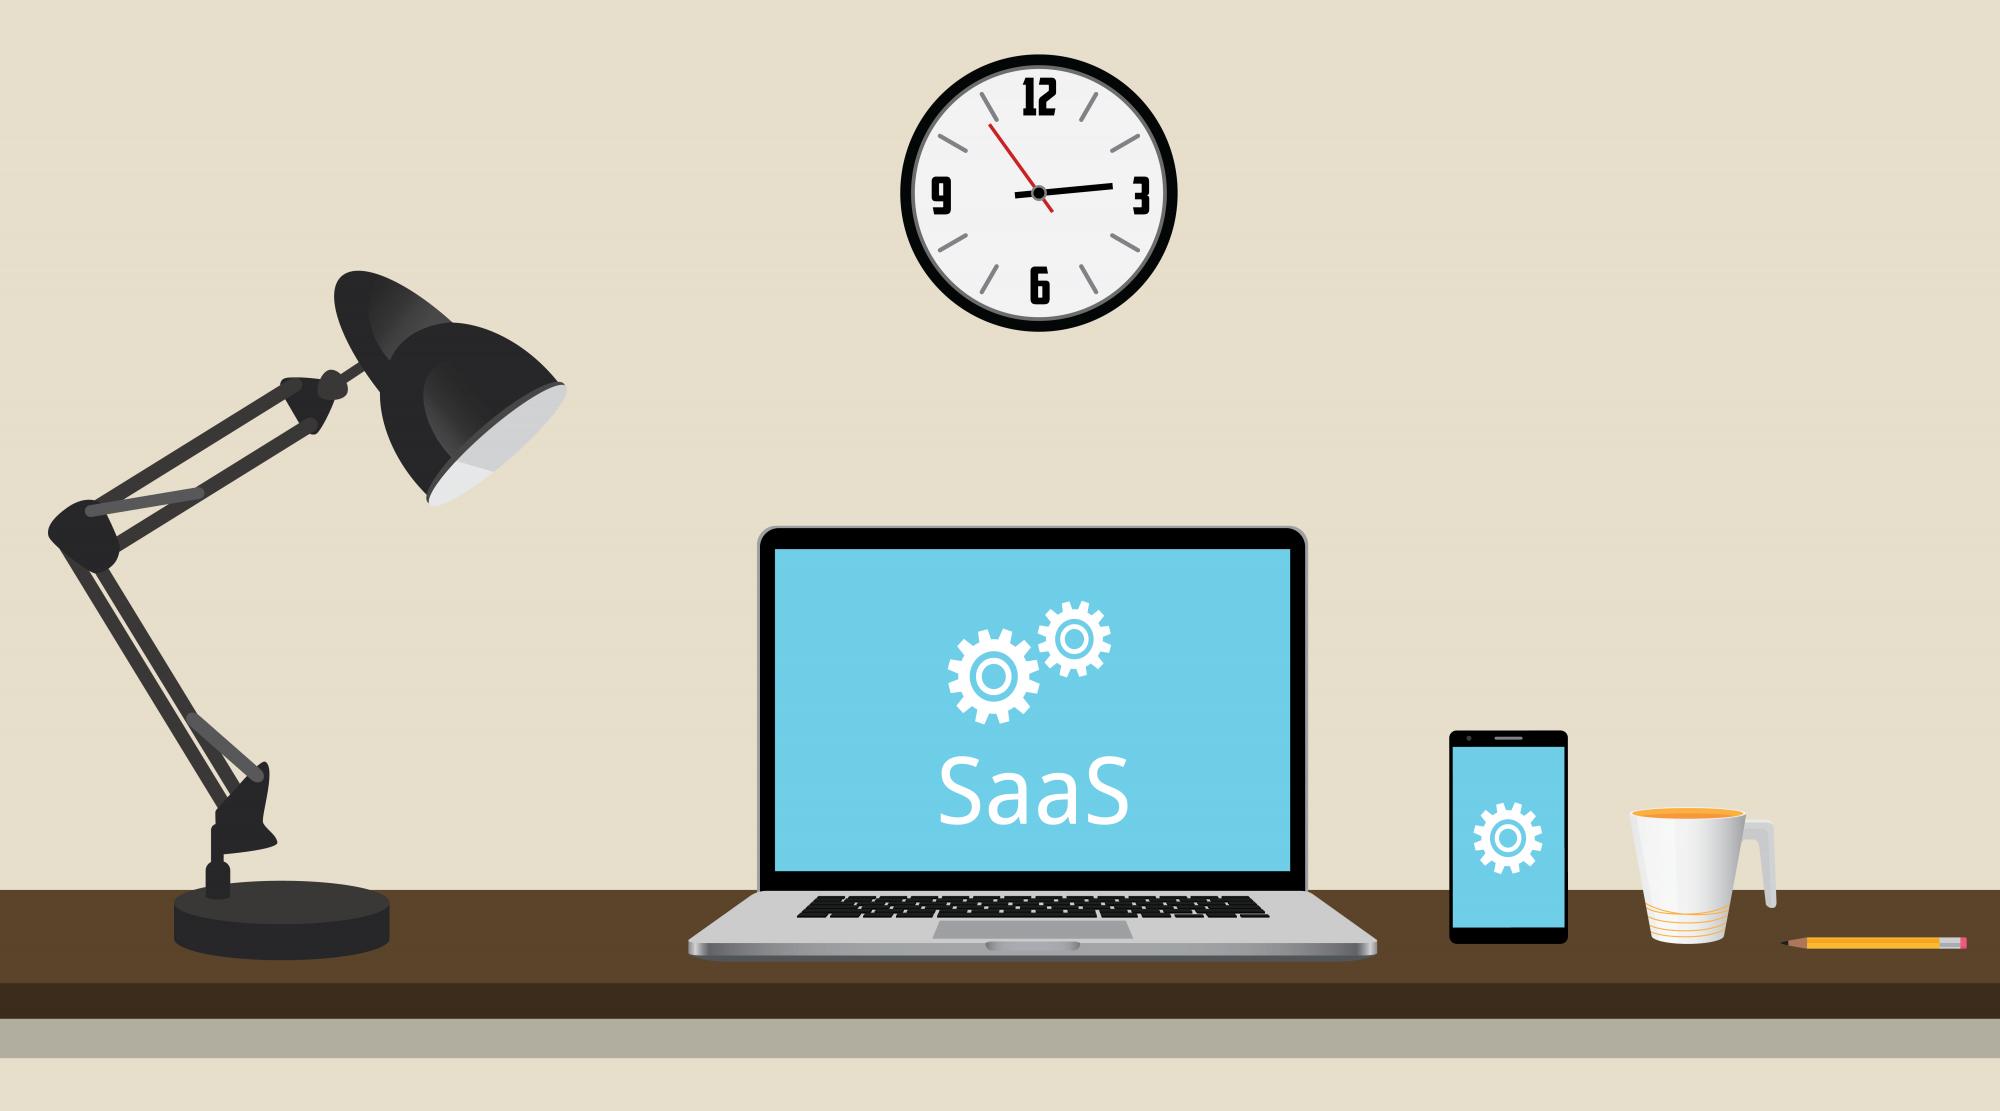 Comment proposer une démo gratuite de votre logiciel SaaS de manière pertinente ?